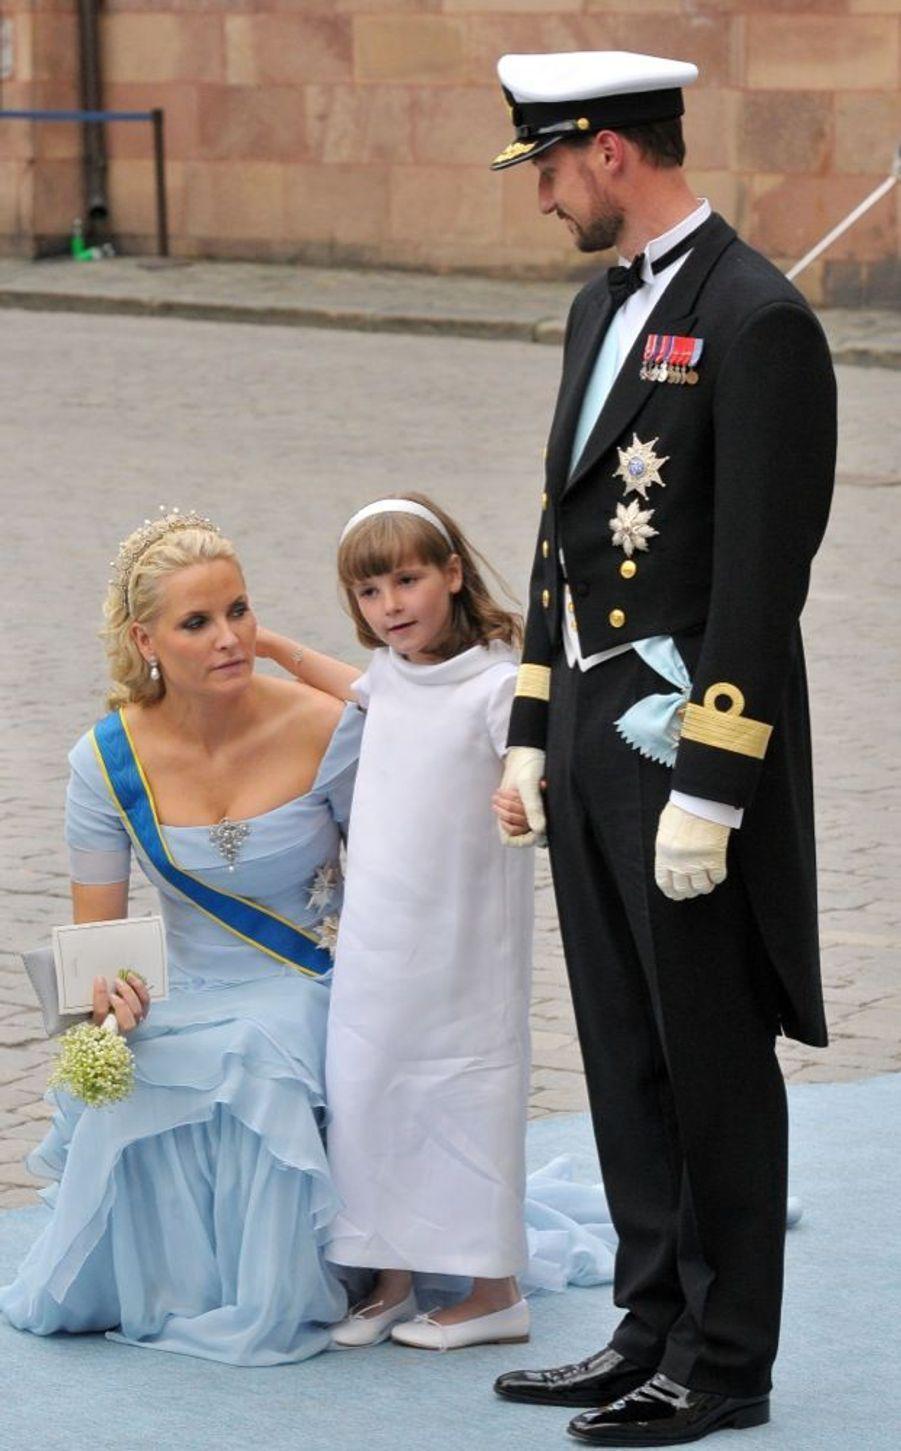 Mette-Marit et Haakon de Norvège, avec leur fille Ingrid-Alexandra, au mariage de la princesse Victoria de Suède et de Daniel Westling, samedi 19 juin 2010 au palais royal de Stockholm.